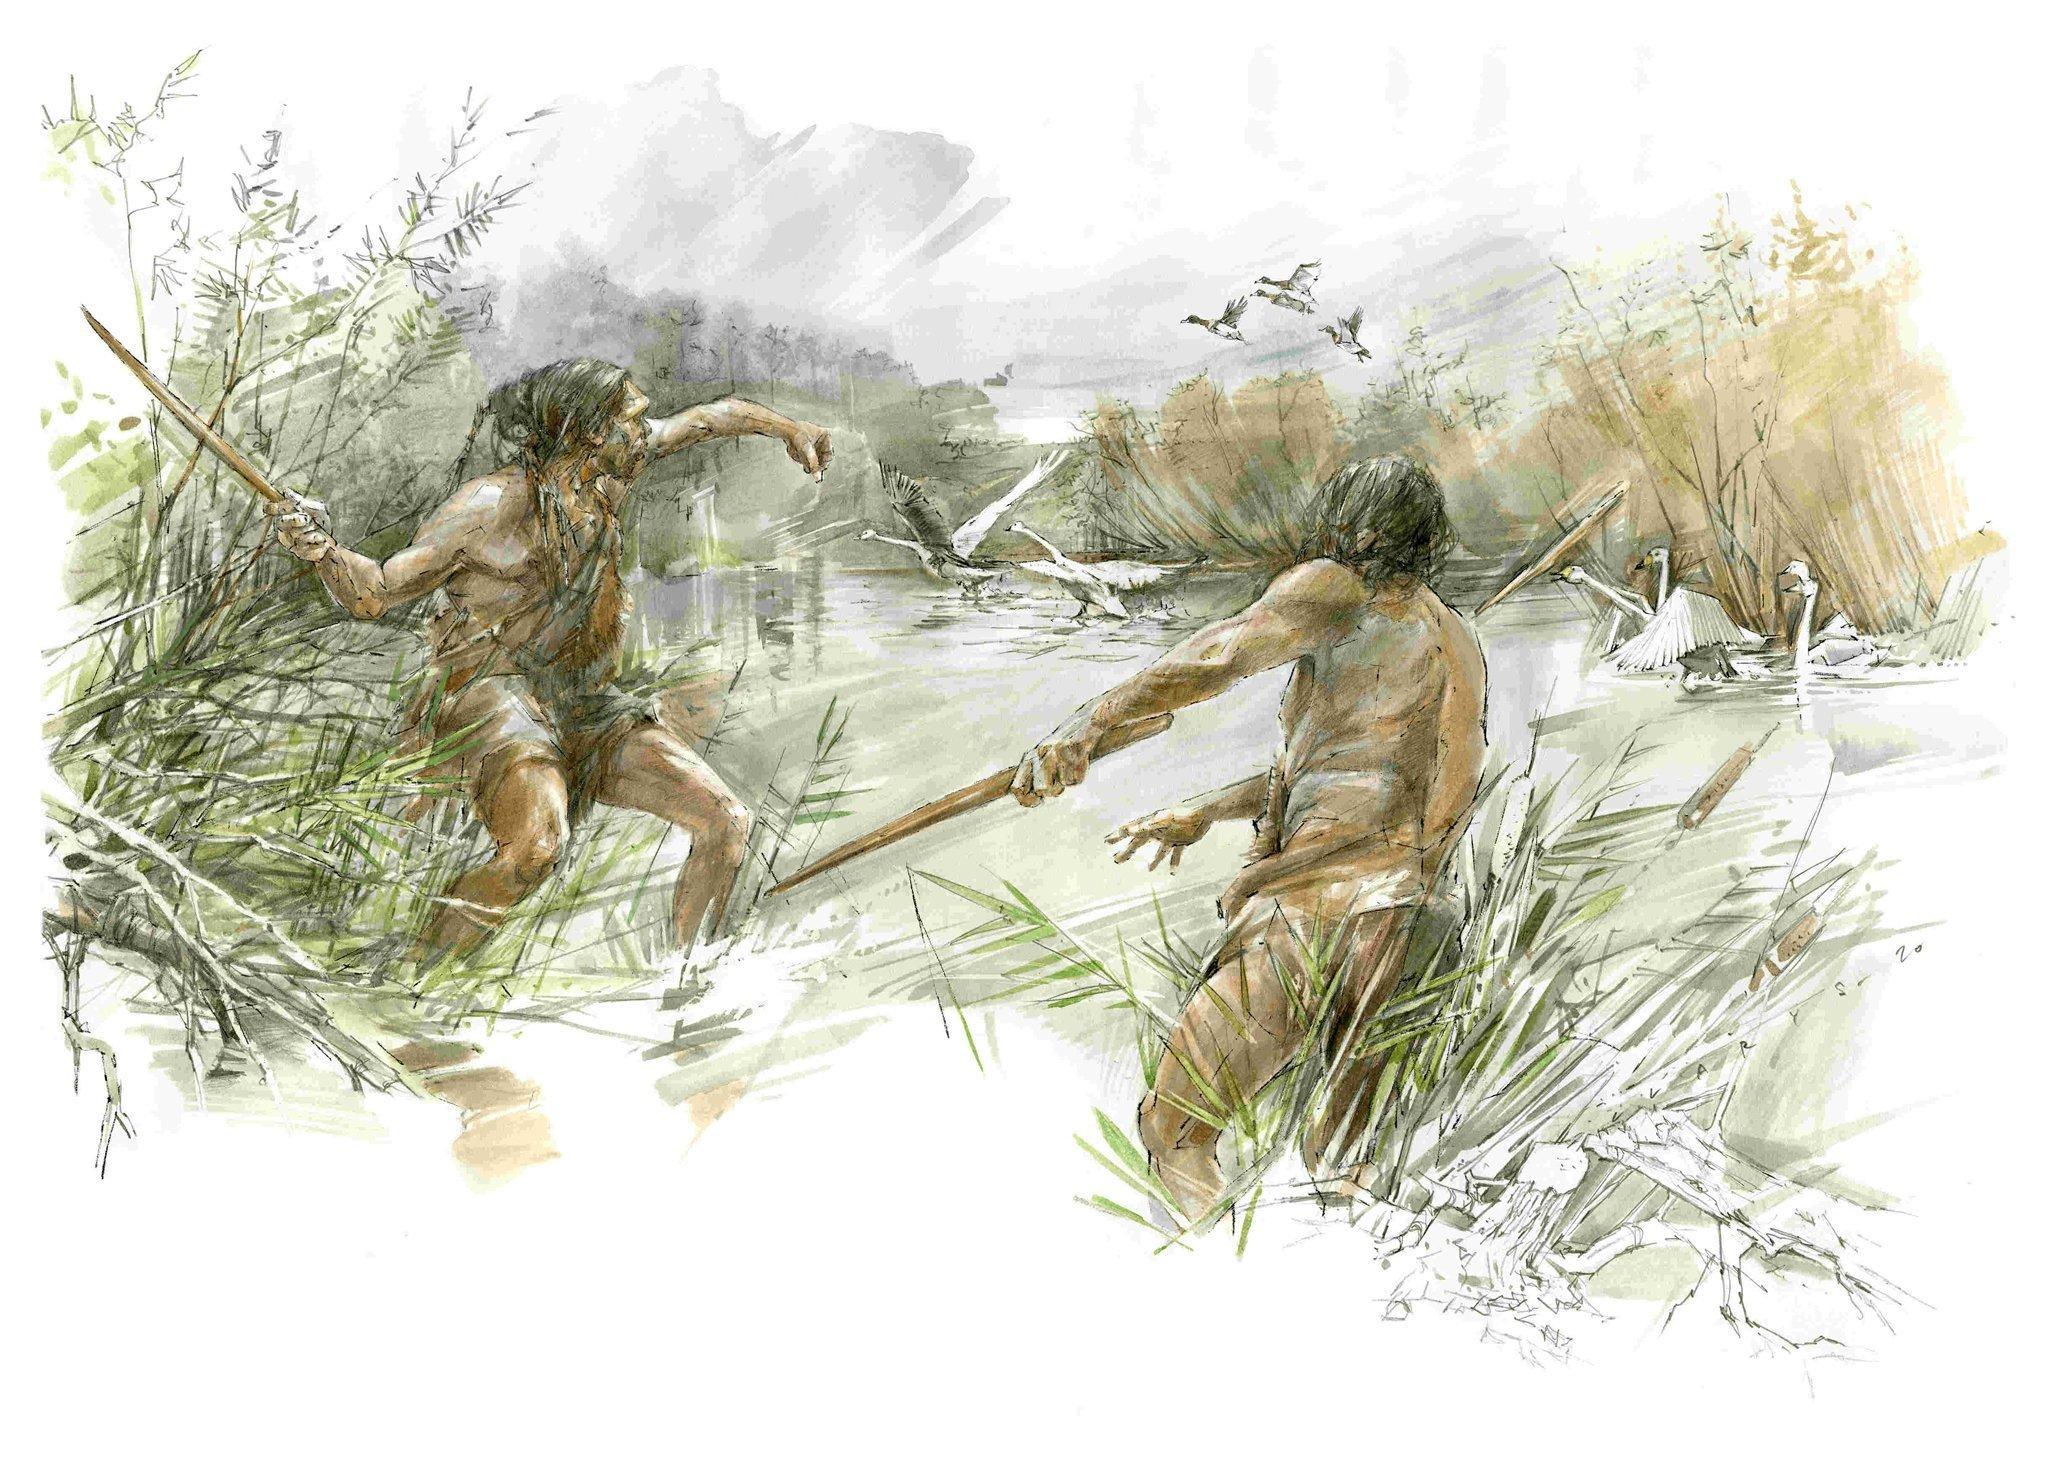 Die Zeichnung zeigt zwei nur leicht bekleidete Urzeit-Jäger am Ufer eines Sees vor 300.000Jahren, die Wurfstöcke auf Schwäne schleudern. Die an beiden Enden zugespitzten Hölzer drehen sich in der Luft, fliegen schnell über viele Meter Distanz und können Wasservögel tödlich verletzen.